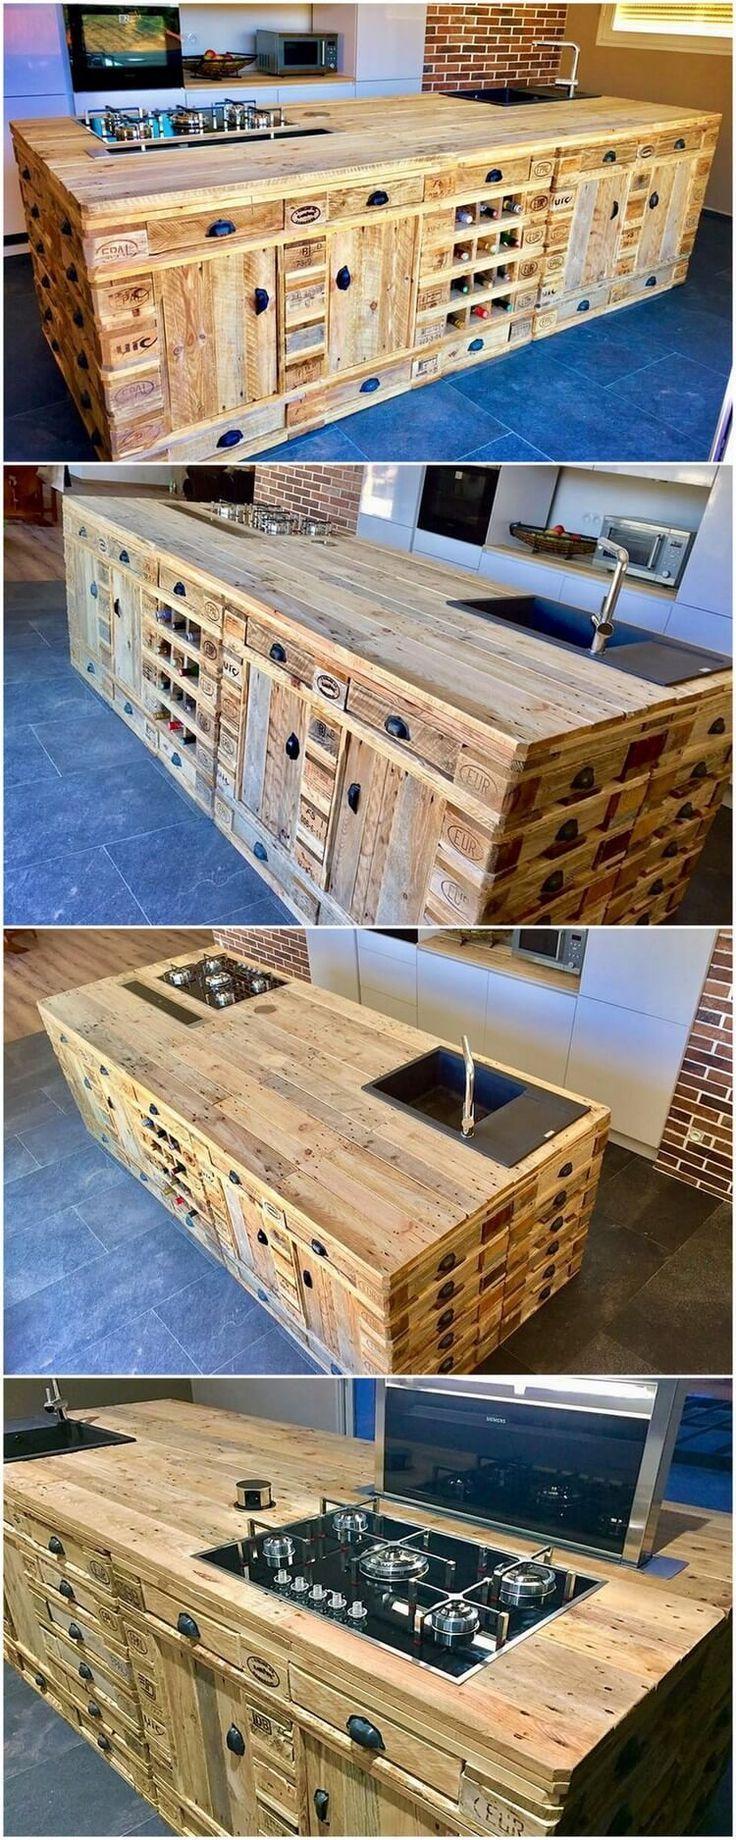 Aufbereitete Holzerne Paletten Stellten Kuchen Insel Her Woodworking Aufbereitete Holzerne Paletten Stellten Wood Pallet Projects Recycled Wood Wood Pallets